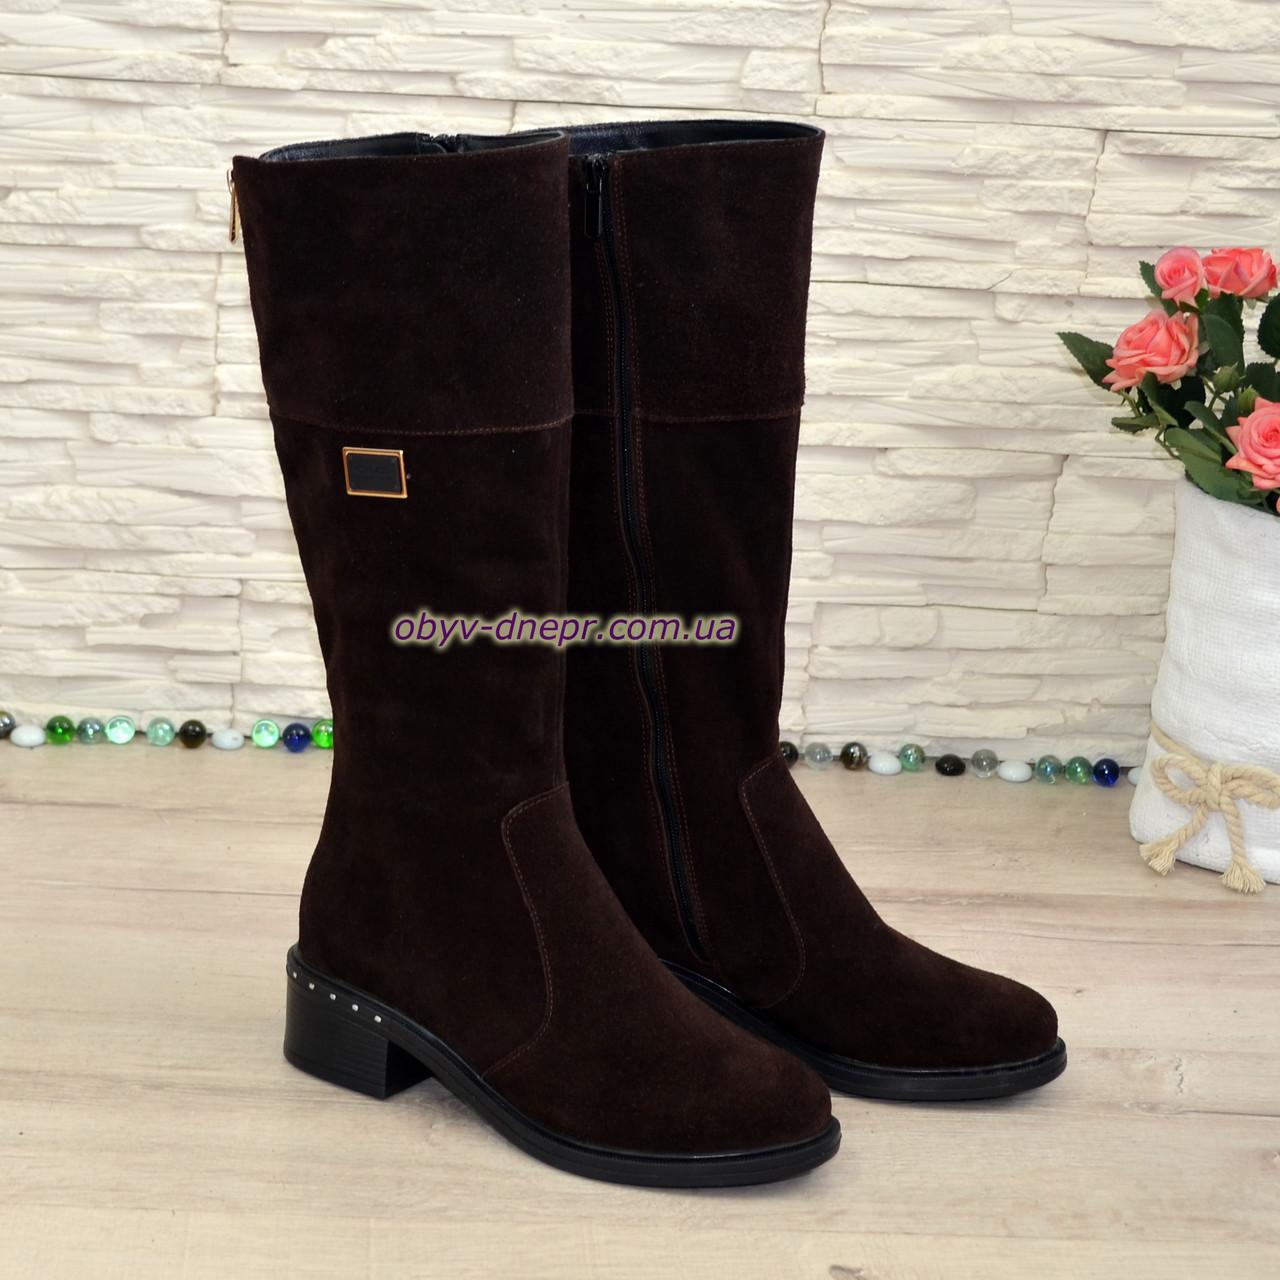 Сапоги замшевые женские на невысоком каблуке, цвет коричневый